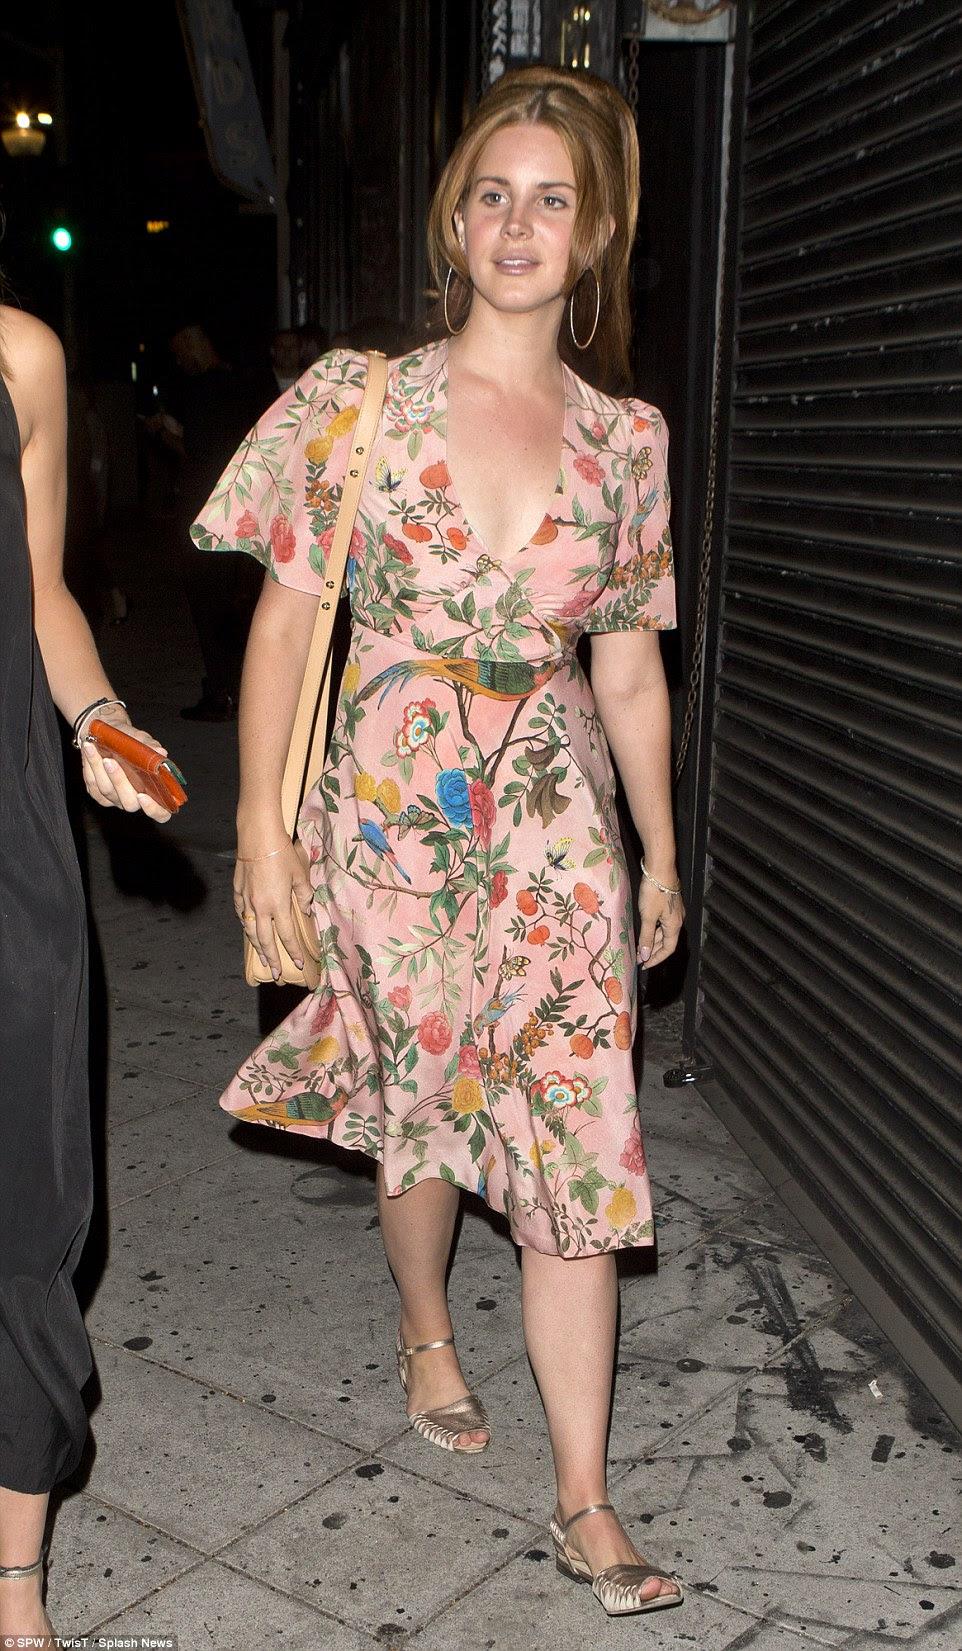 Desafiando o código de vestimenta?  Lana certamente parecia mais vestido para baixo do que os seus companheiros - exibindo seu estilo único de costume